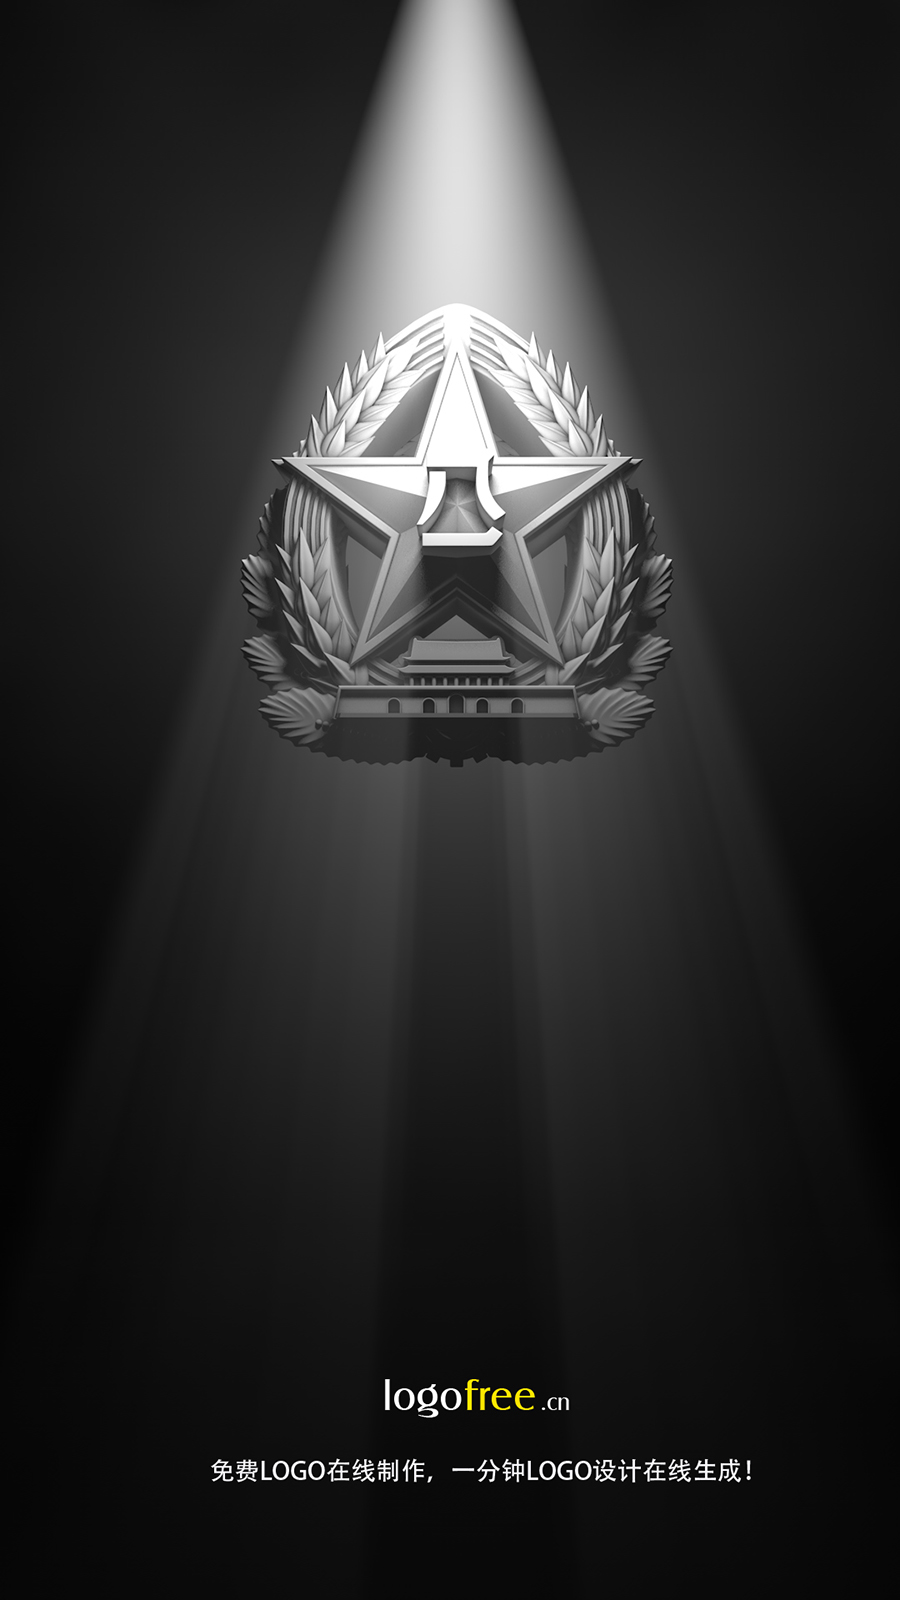 八一建军节标志LOGO